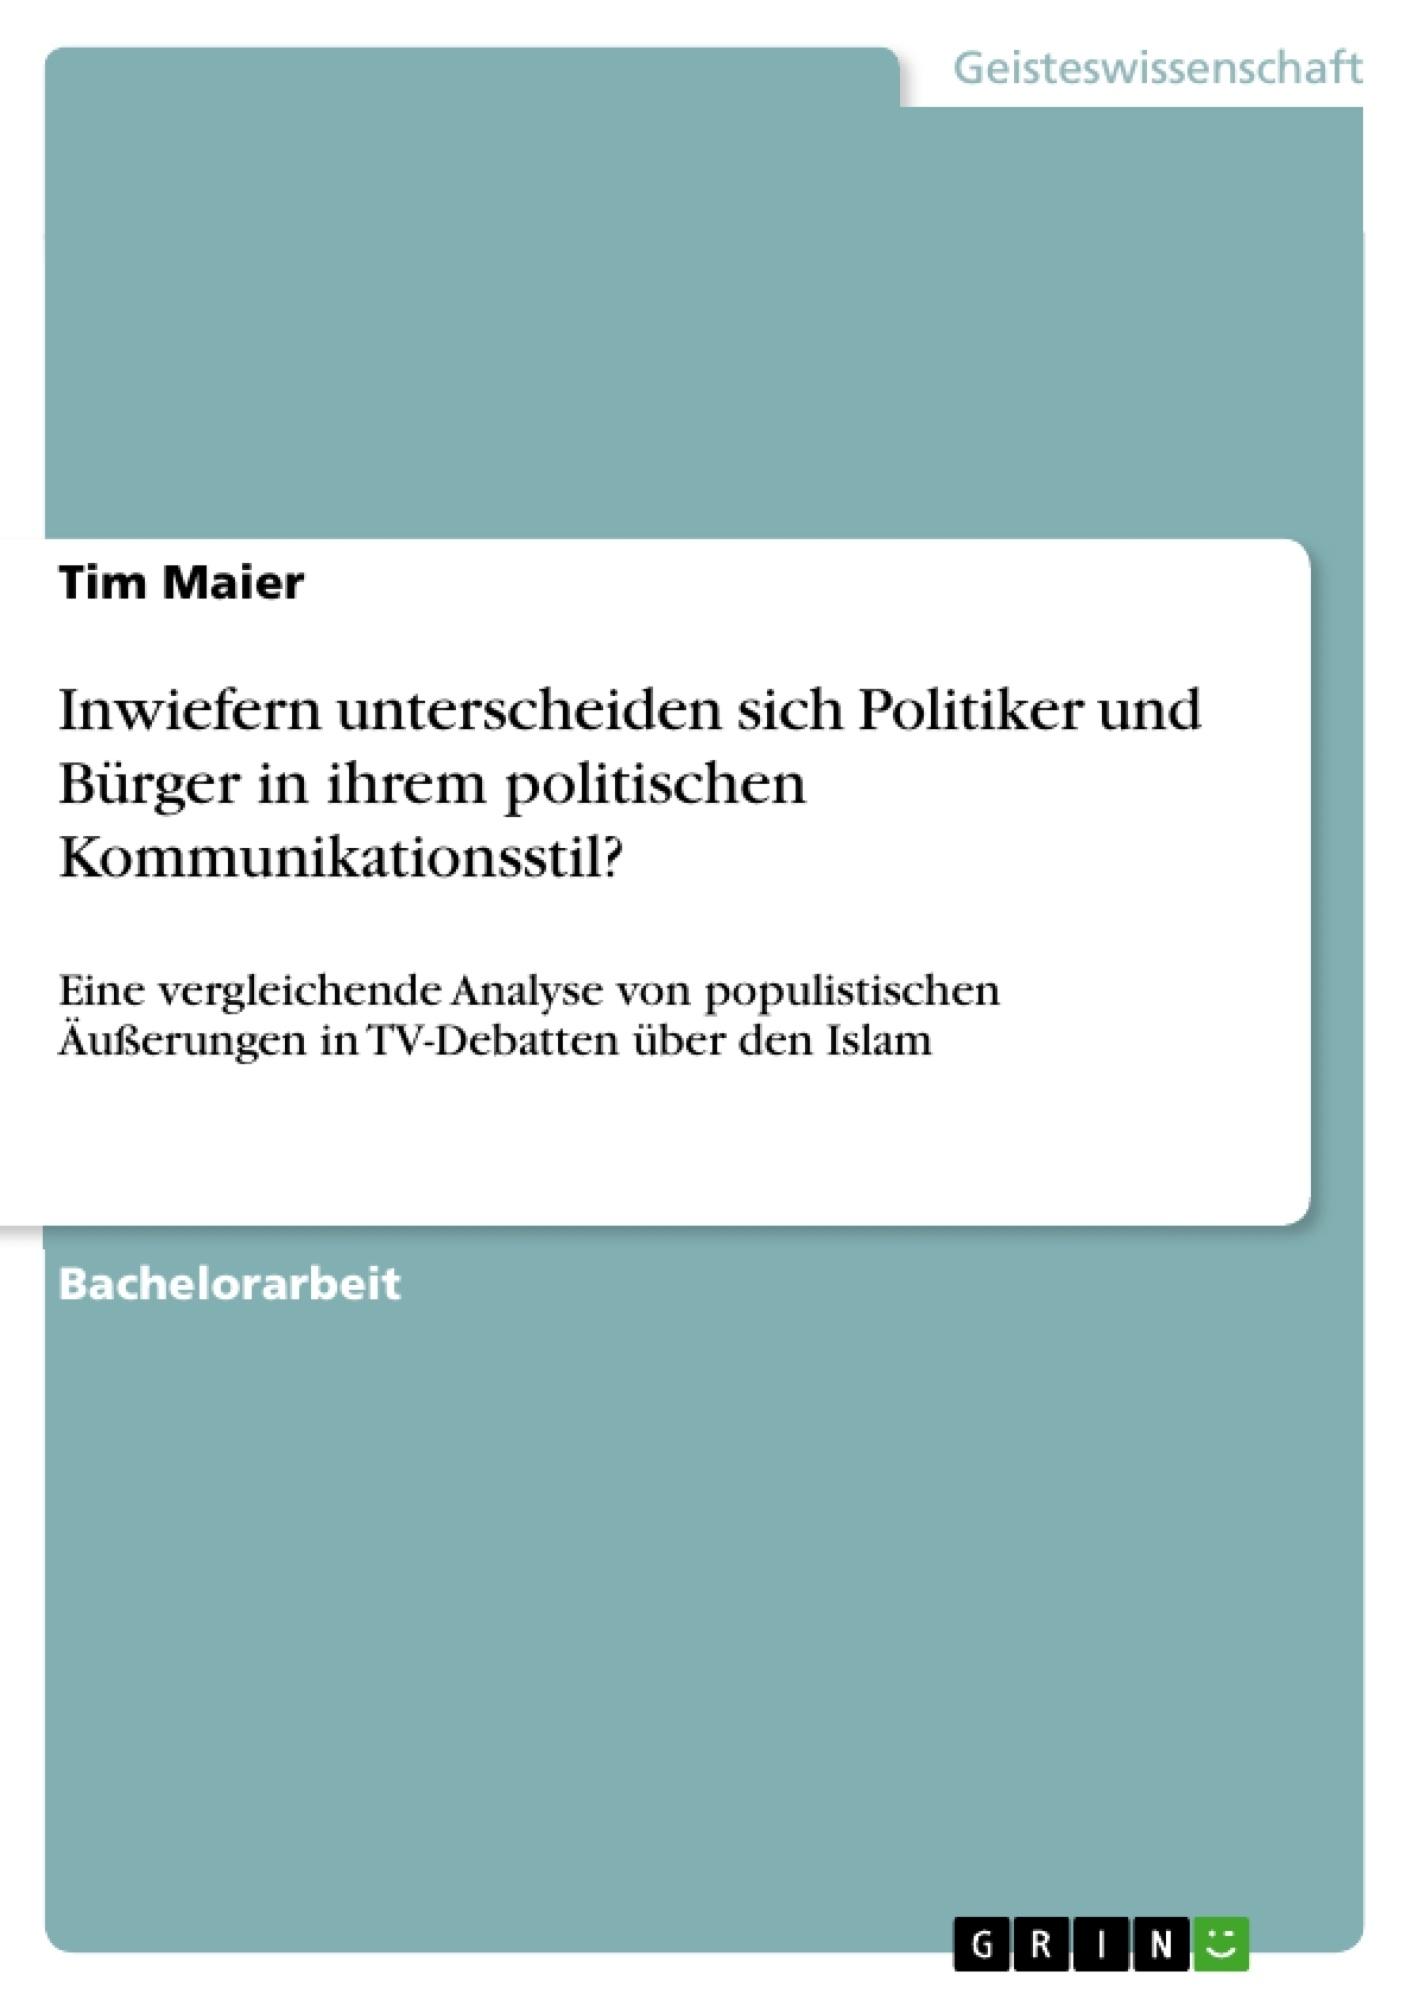 Titel: Inwiefern unterscheiden sich Politiker und Bürger in ihrem politischen Kommunikationsstil?